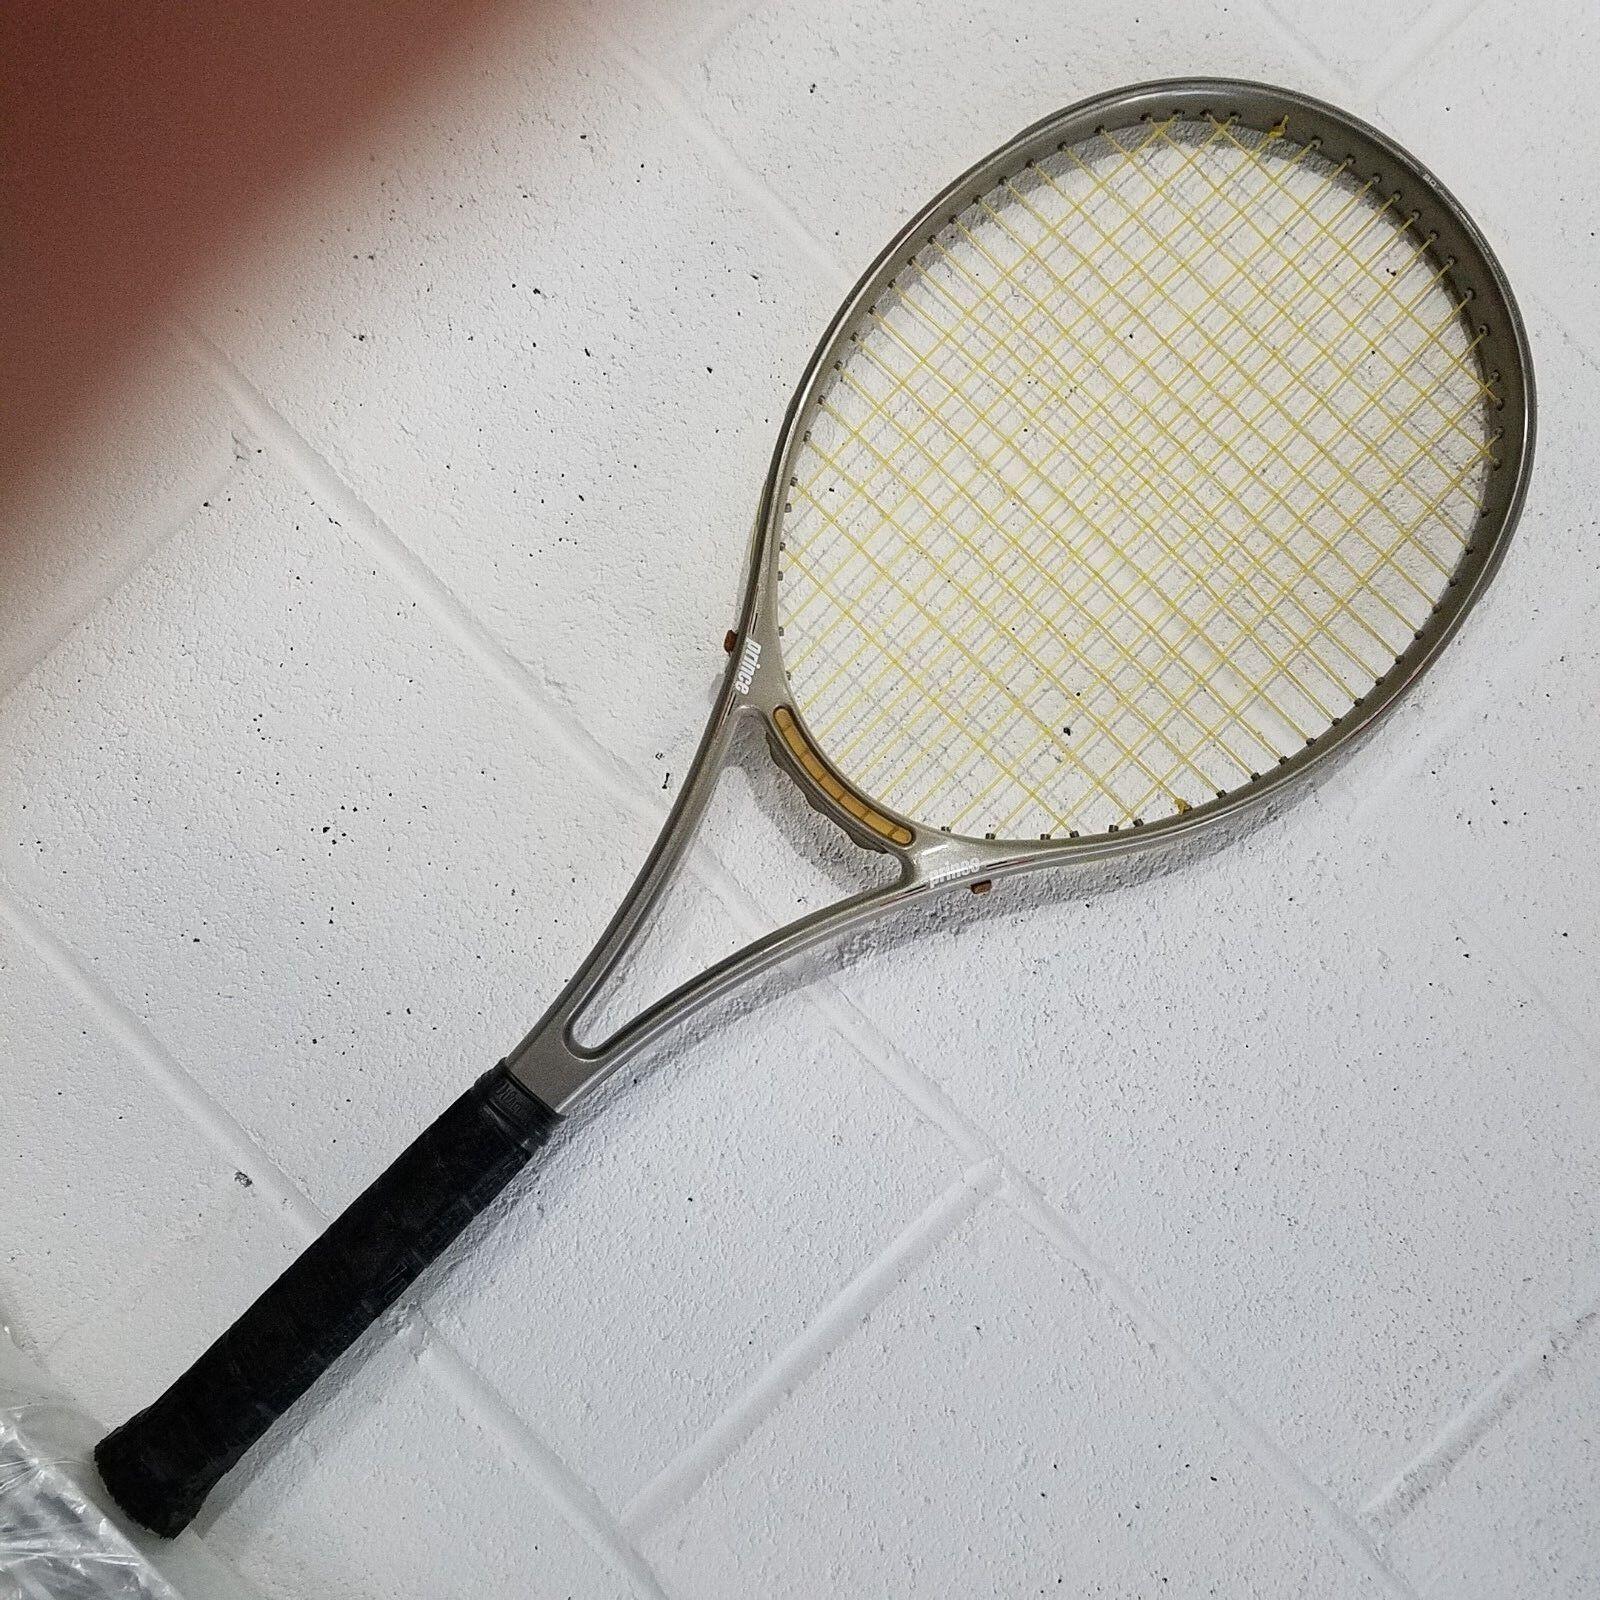 RARE  Prince cts Lightning 90 Raquette De Tennis Grip 4 3 8 très bon